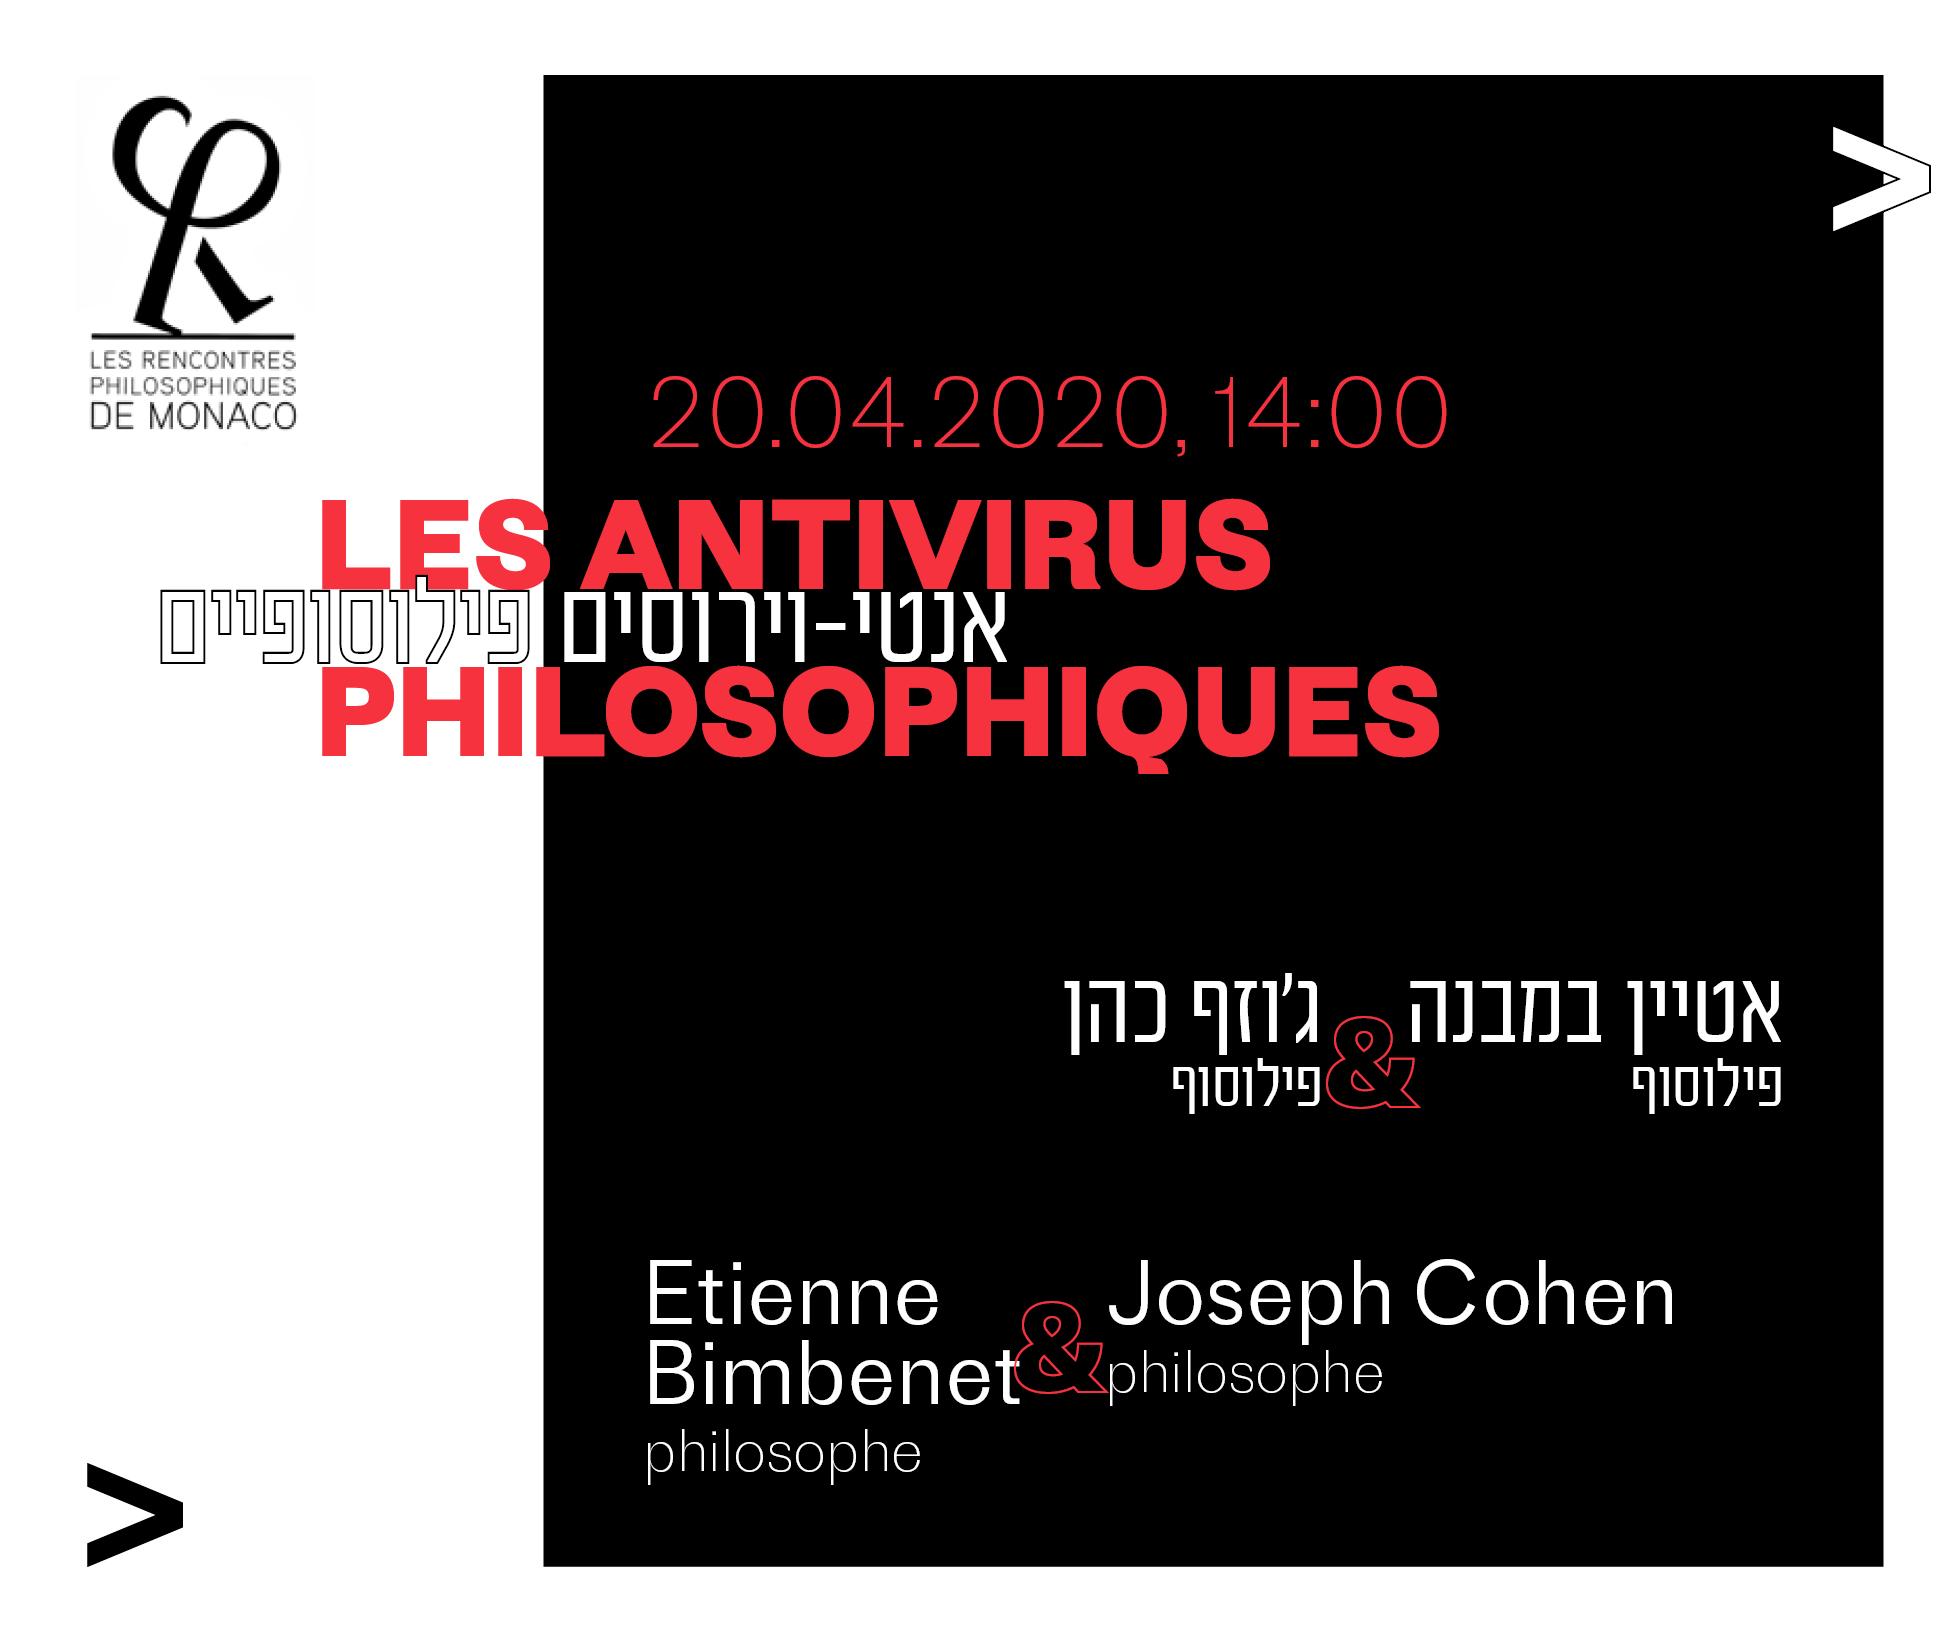 Conférence virtuelle: les Antivirus Philosophiques